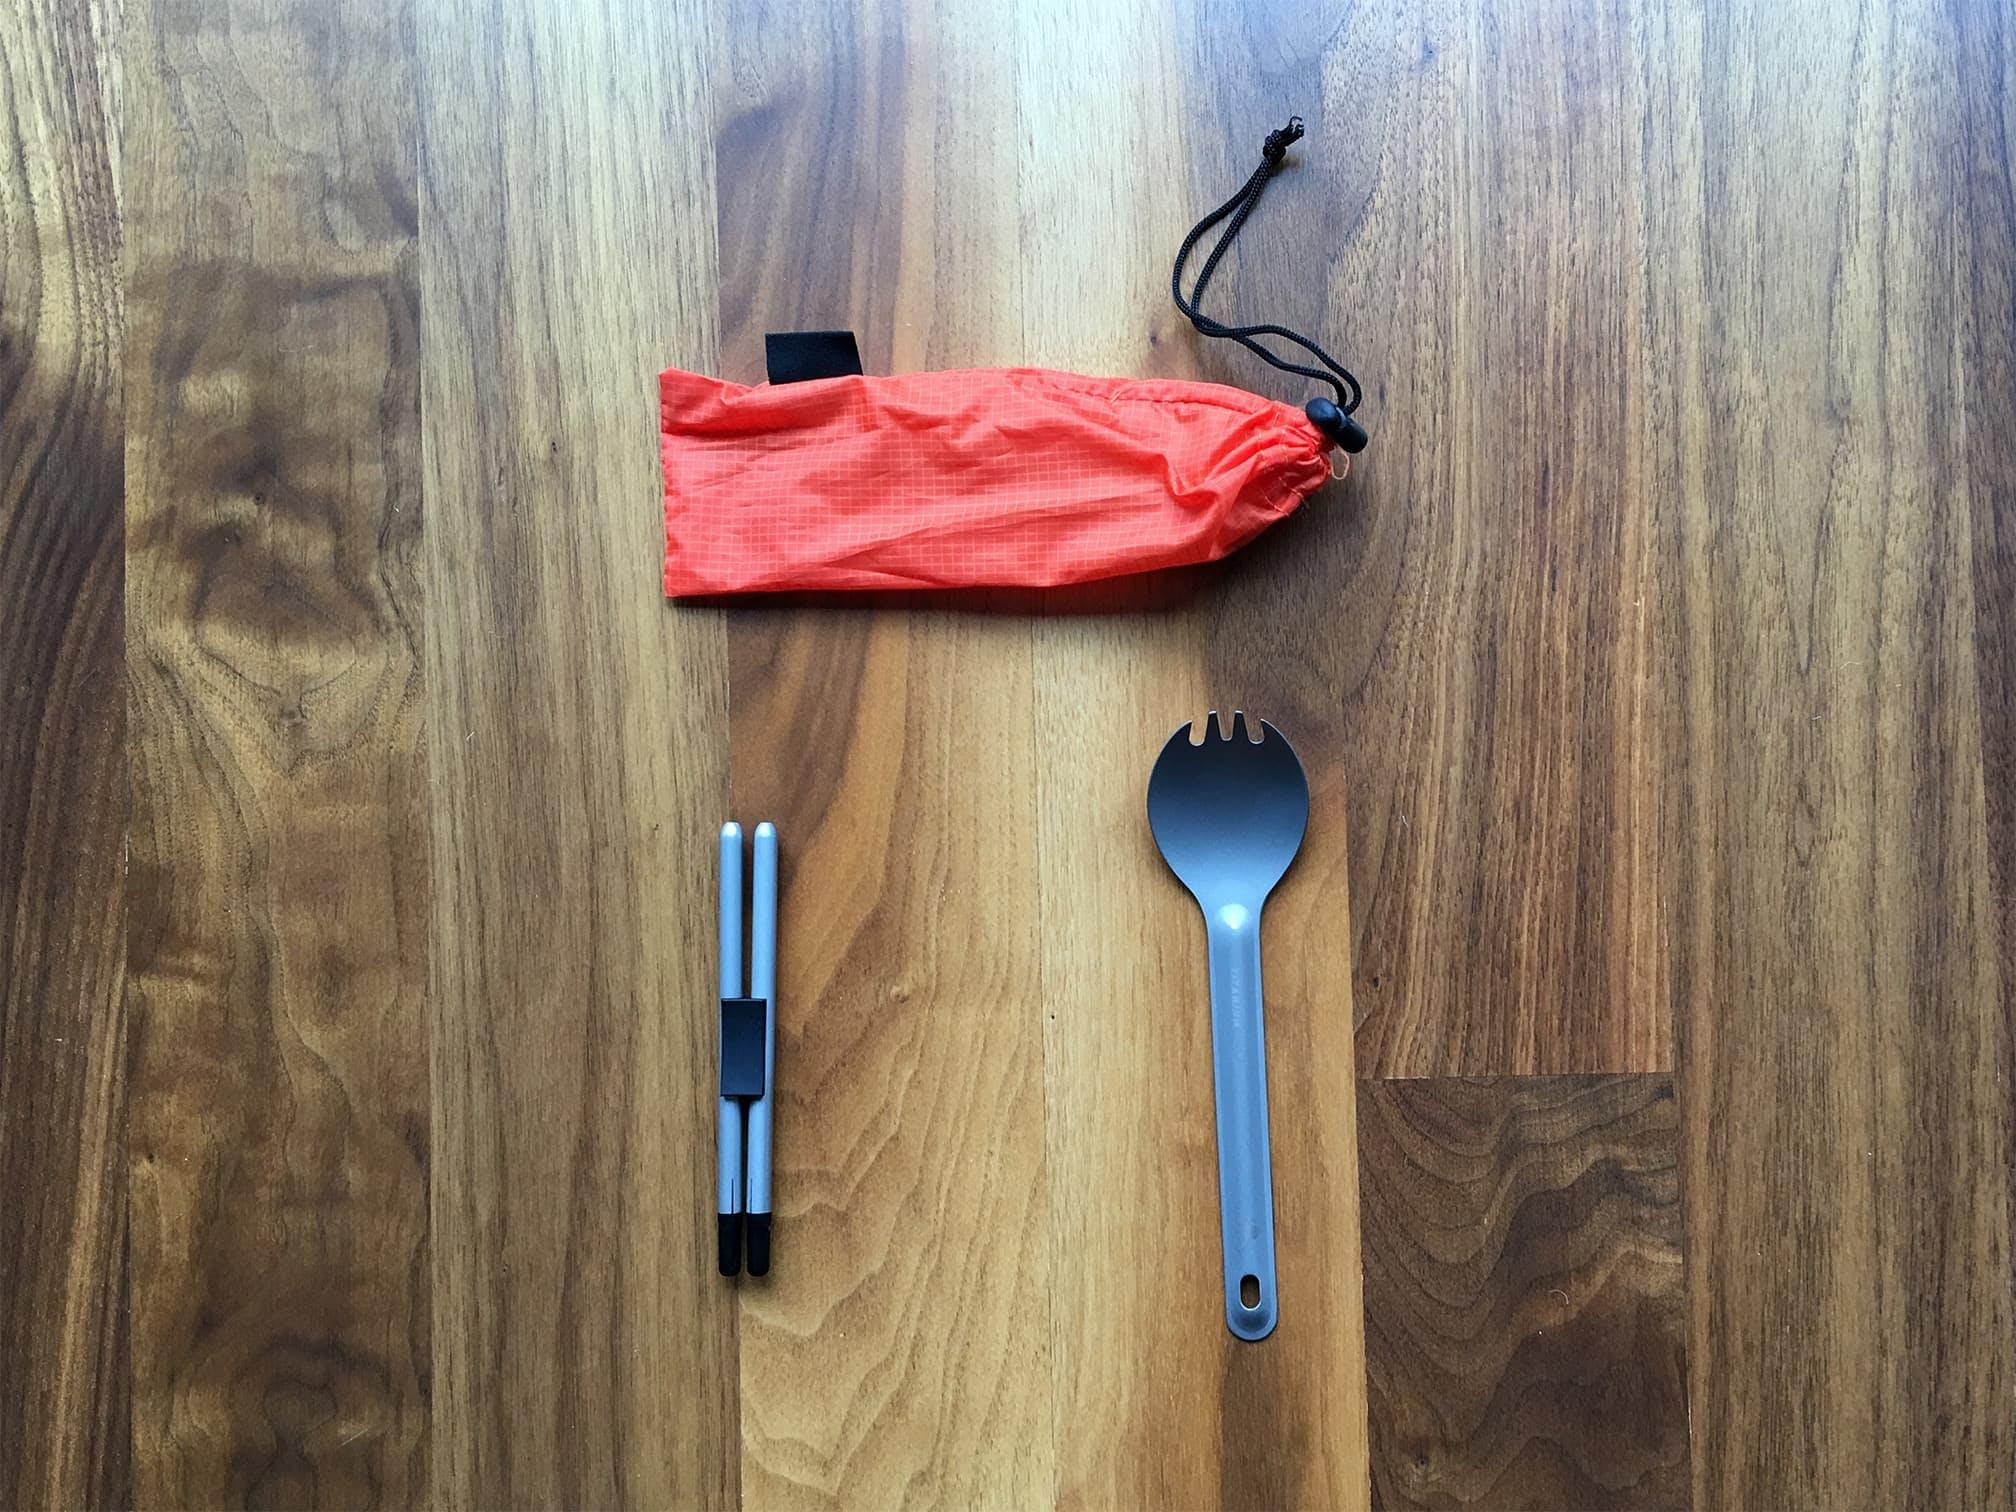 Collapsible Compact Chopsticks | TOAKS Titanium Ultralight Spork: